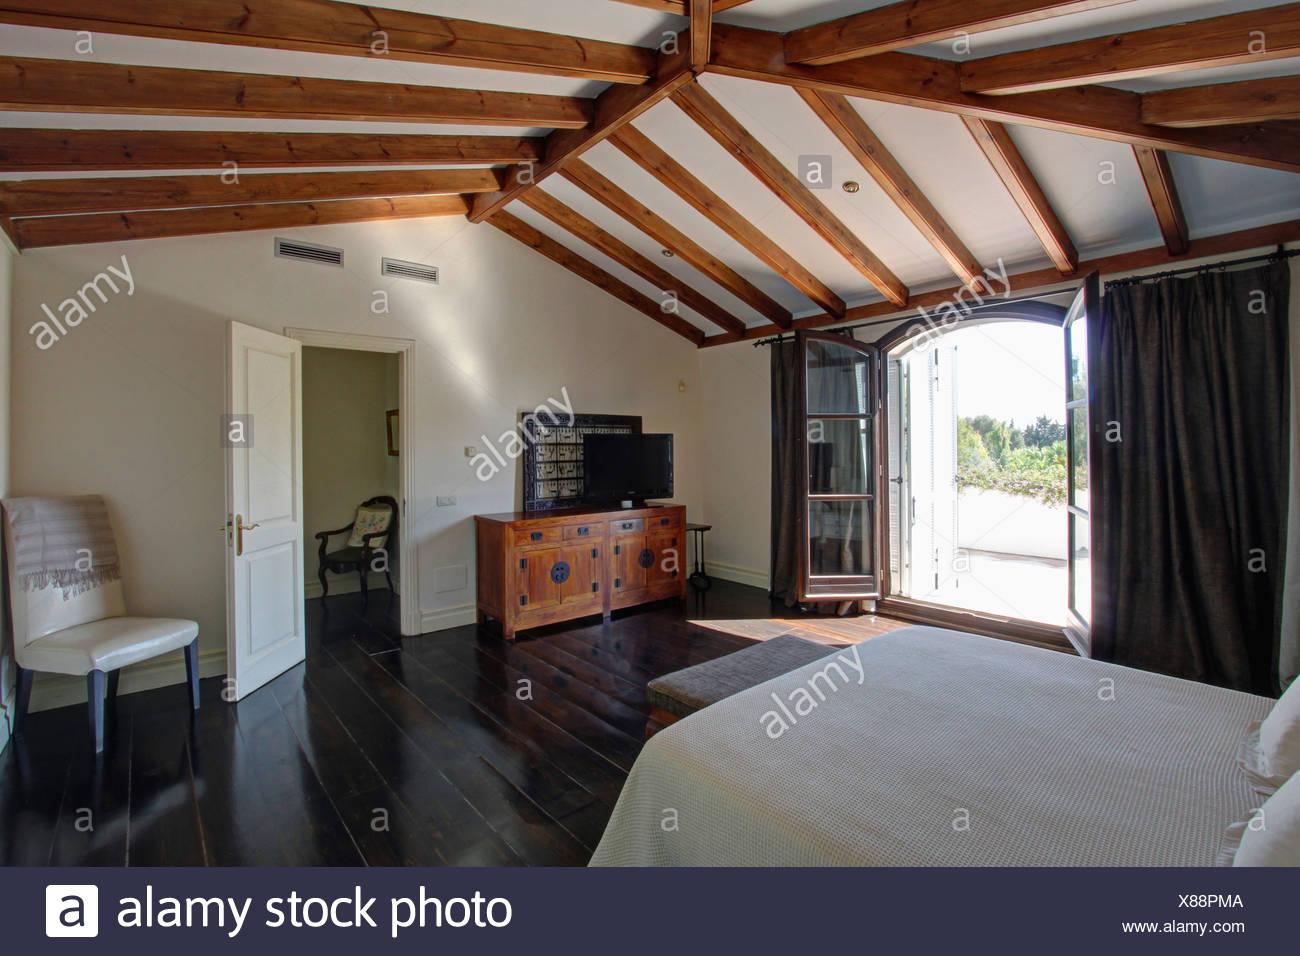 Foto Di Soffitti Con Travi In Legno : Lucido pavimento in legno scuro in spagnolo camera da letto con